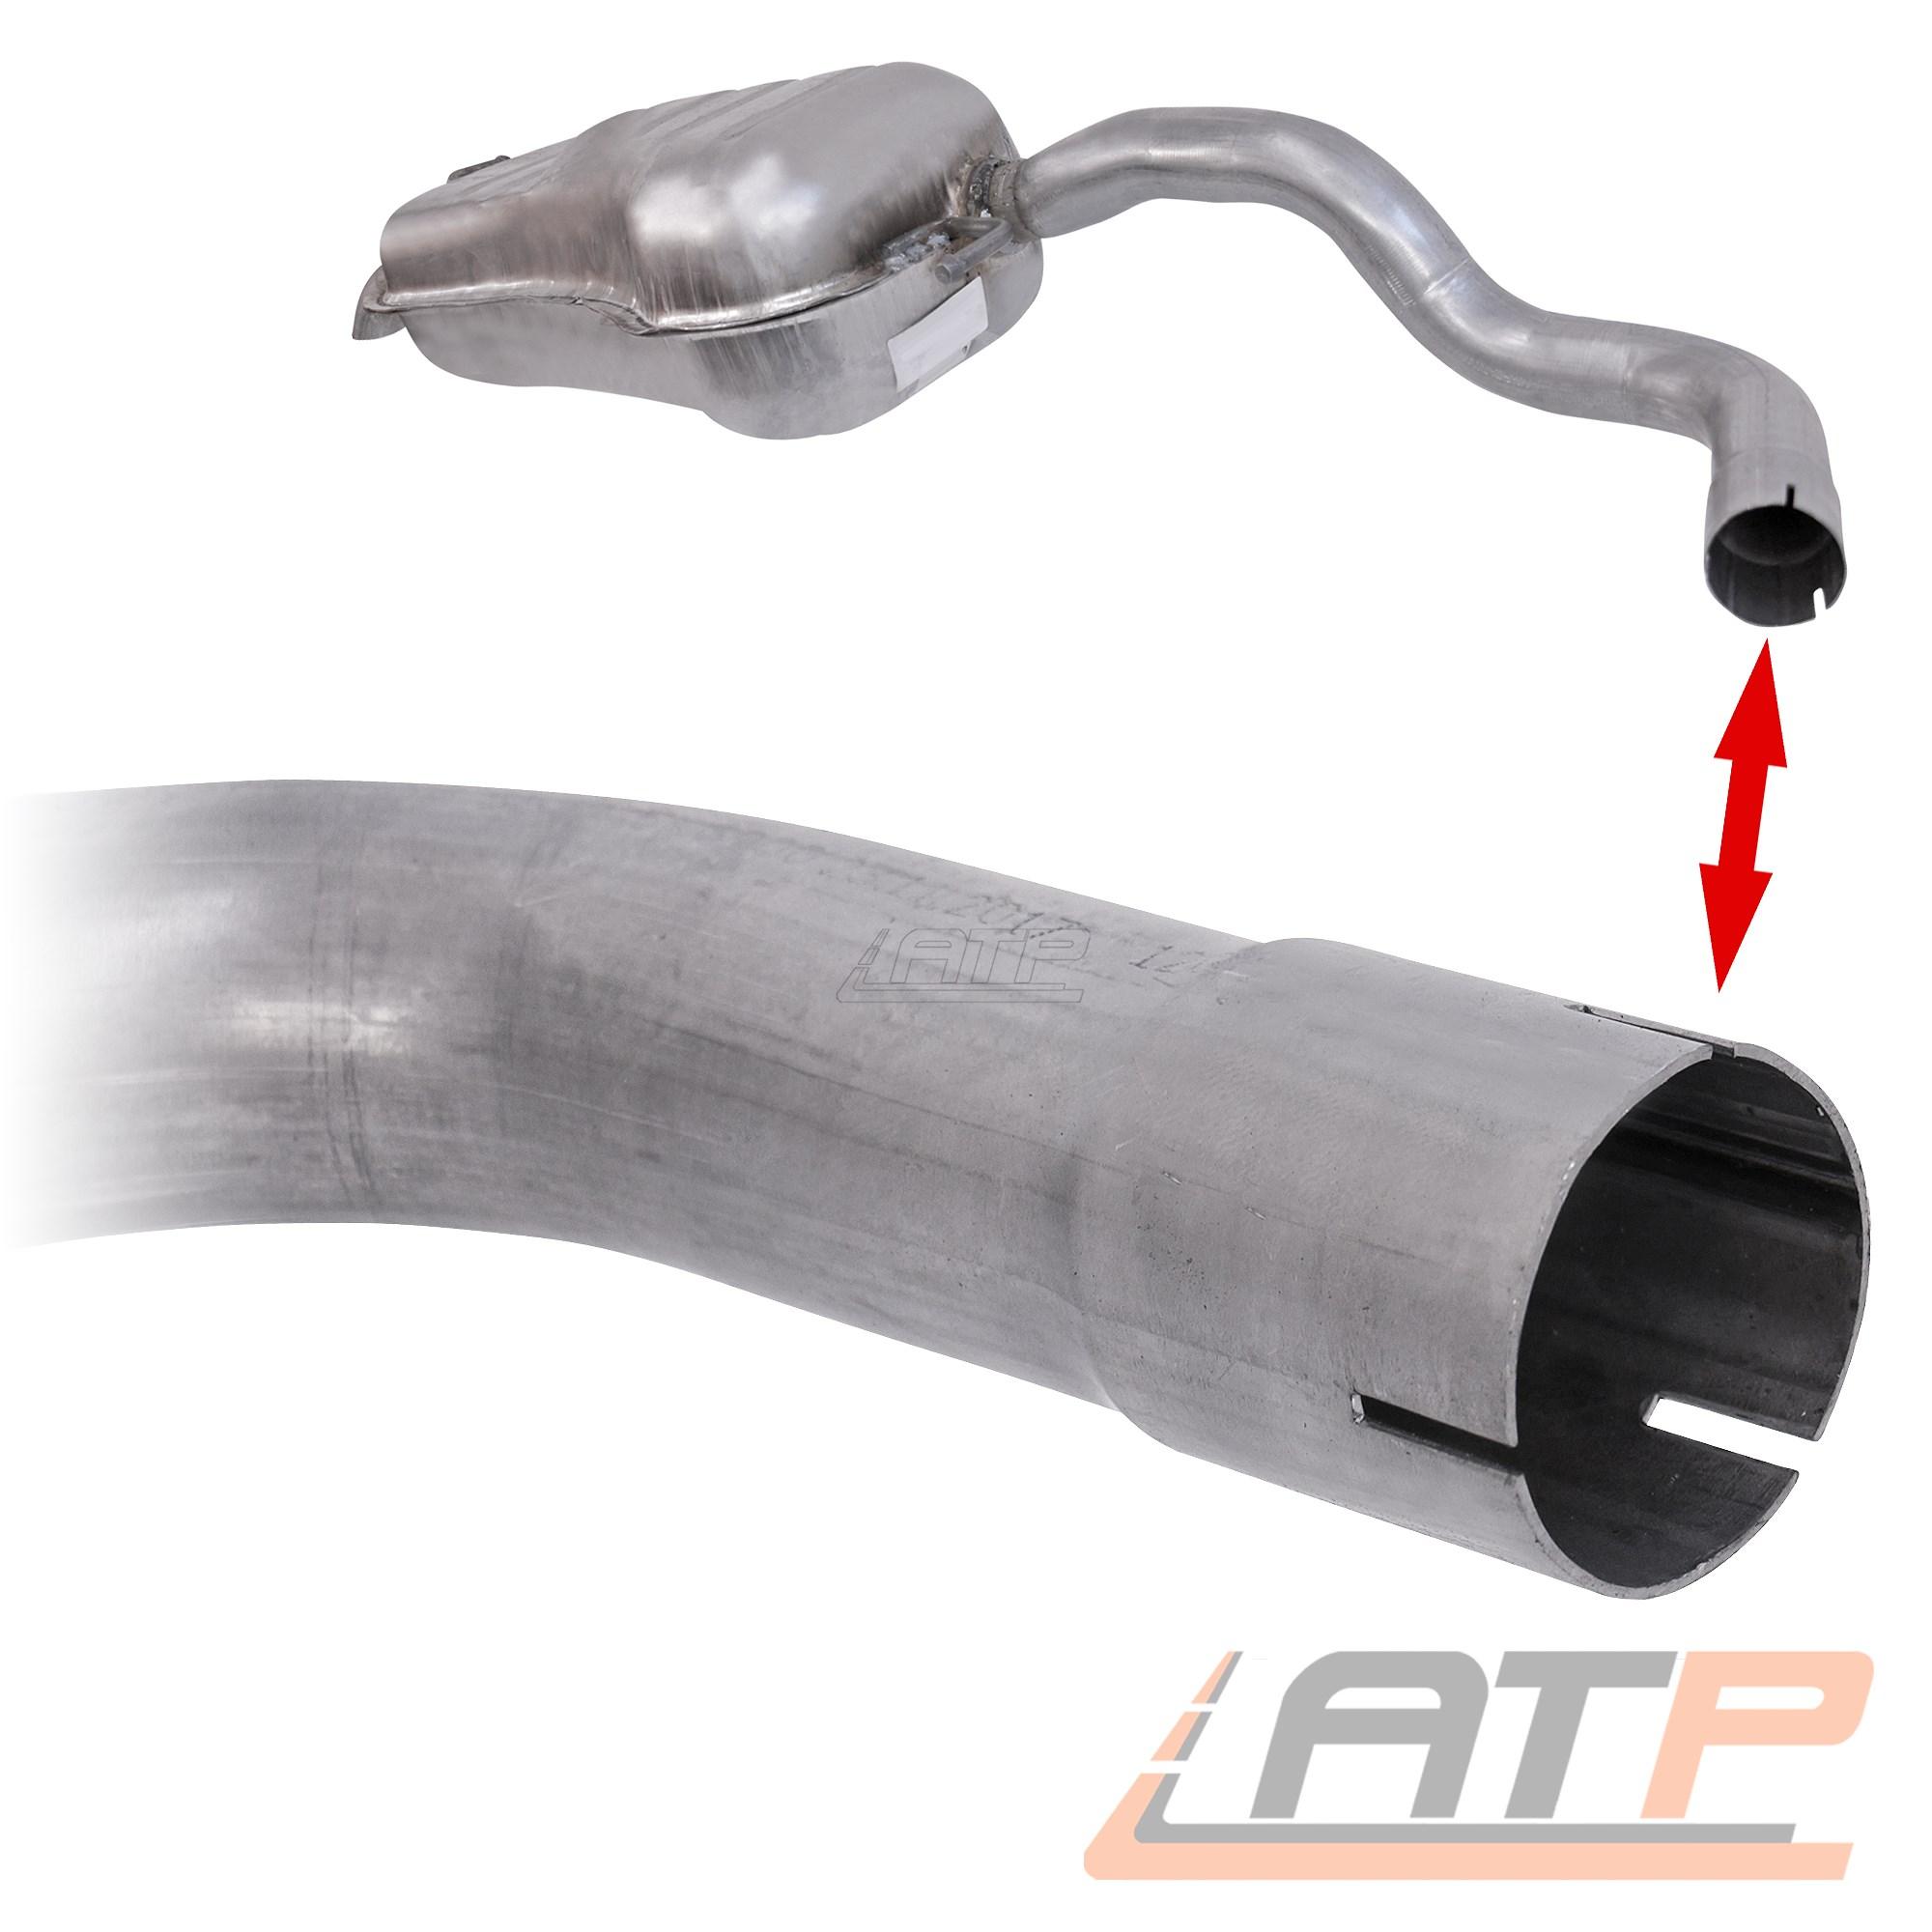 Endschalldämpfer silenciadores para Seat Leon 1m 1.9 tdi año de fabricación 99-06